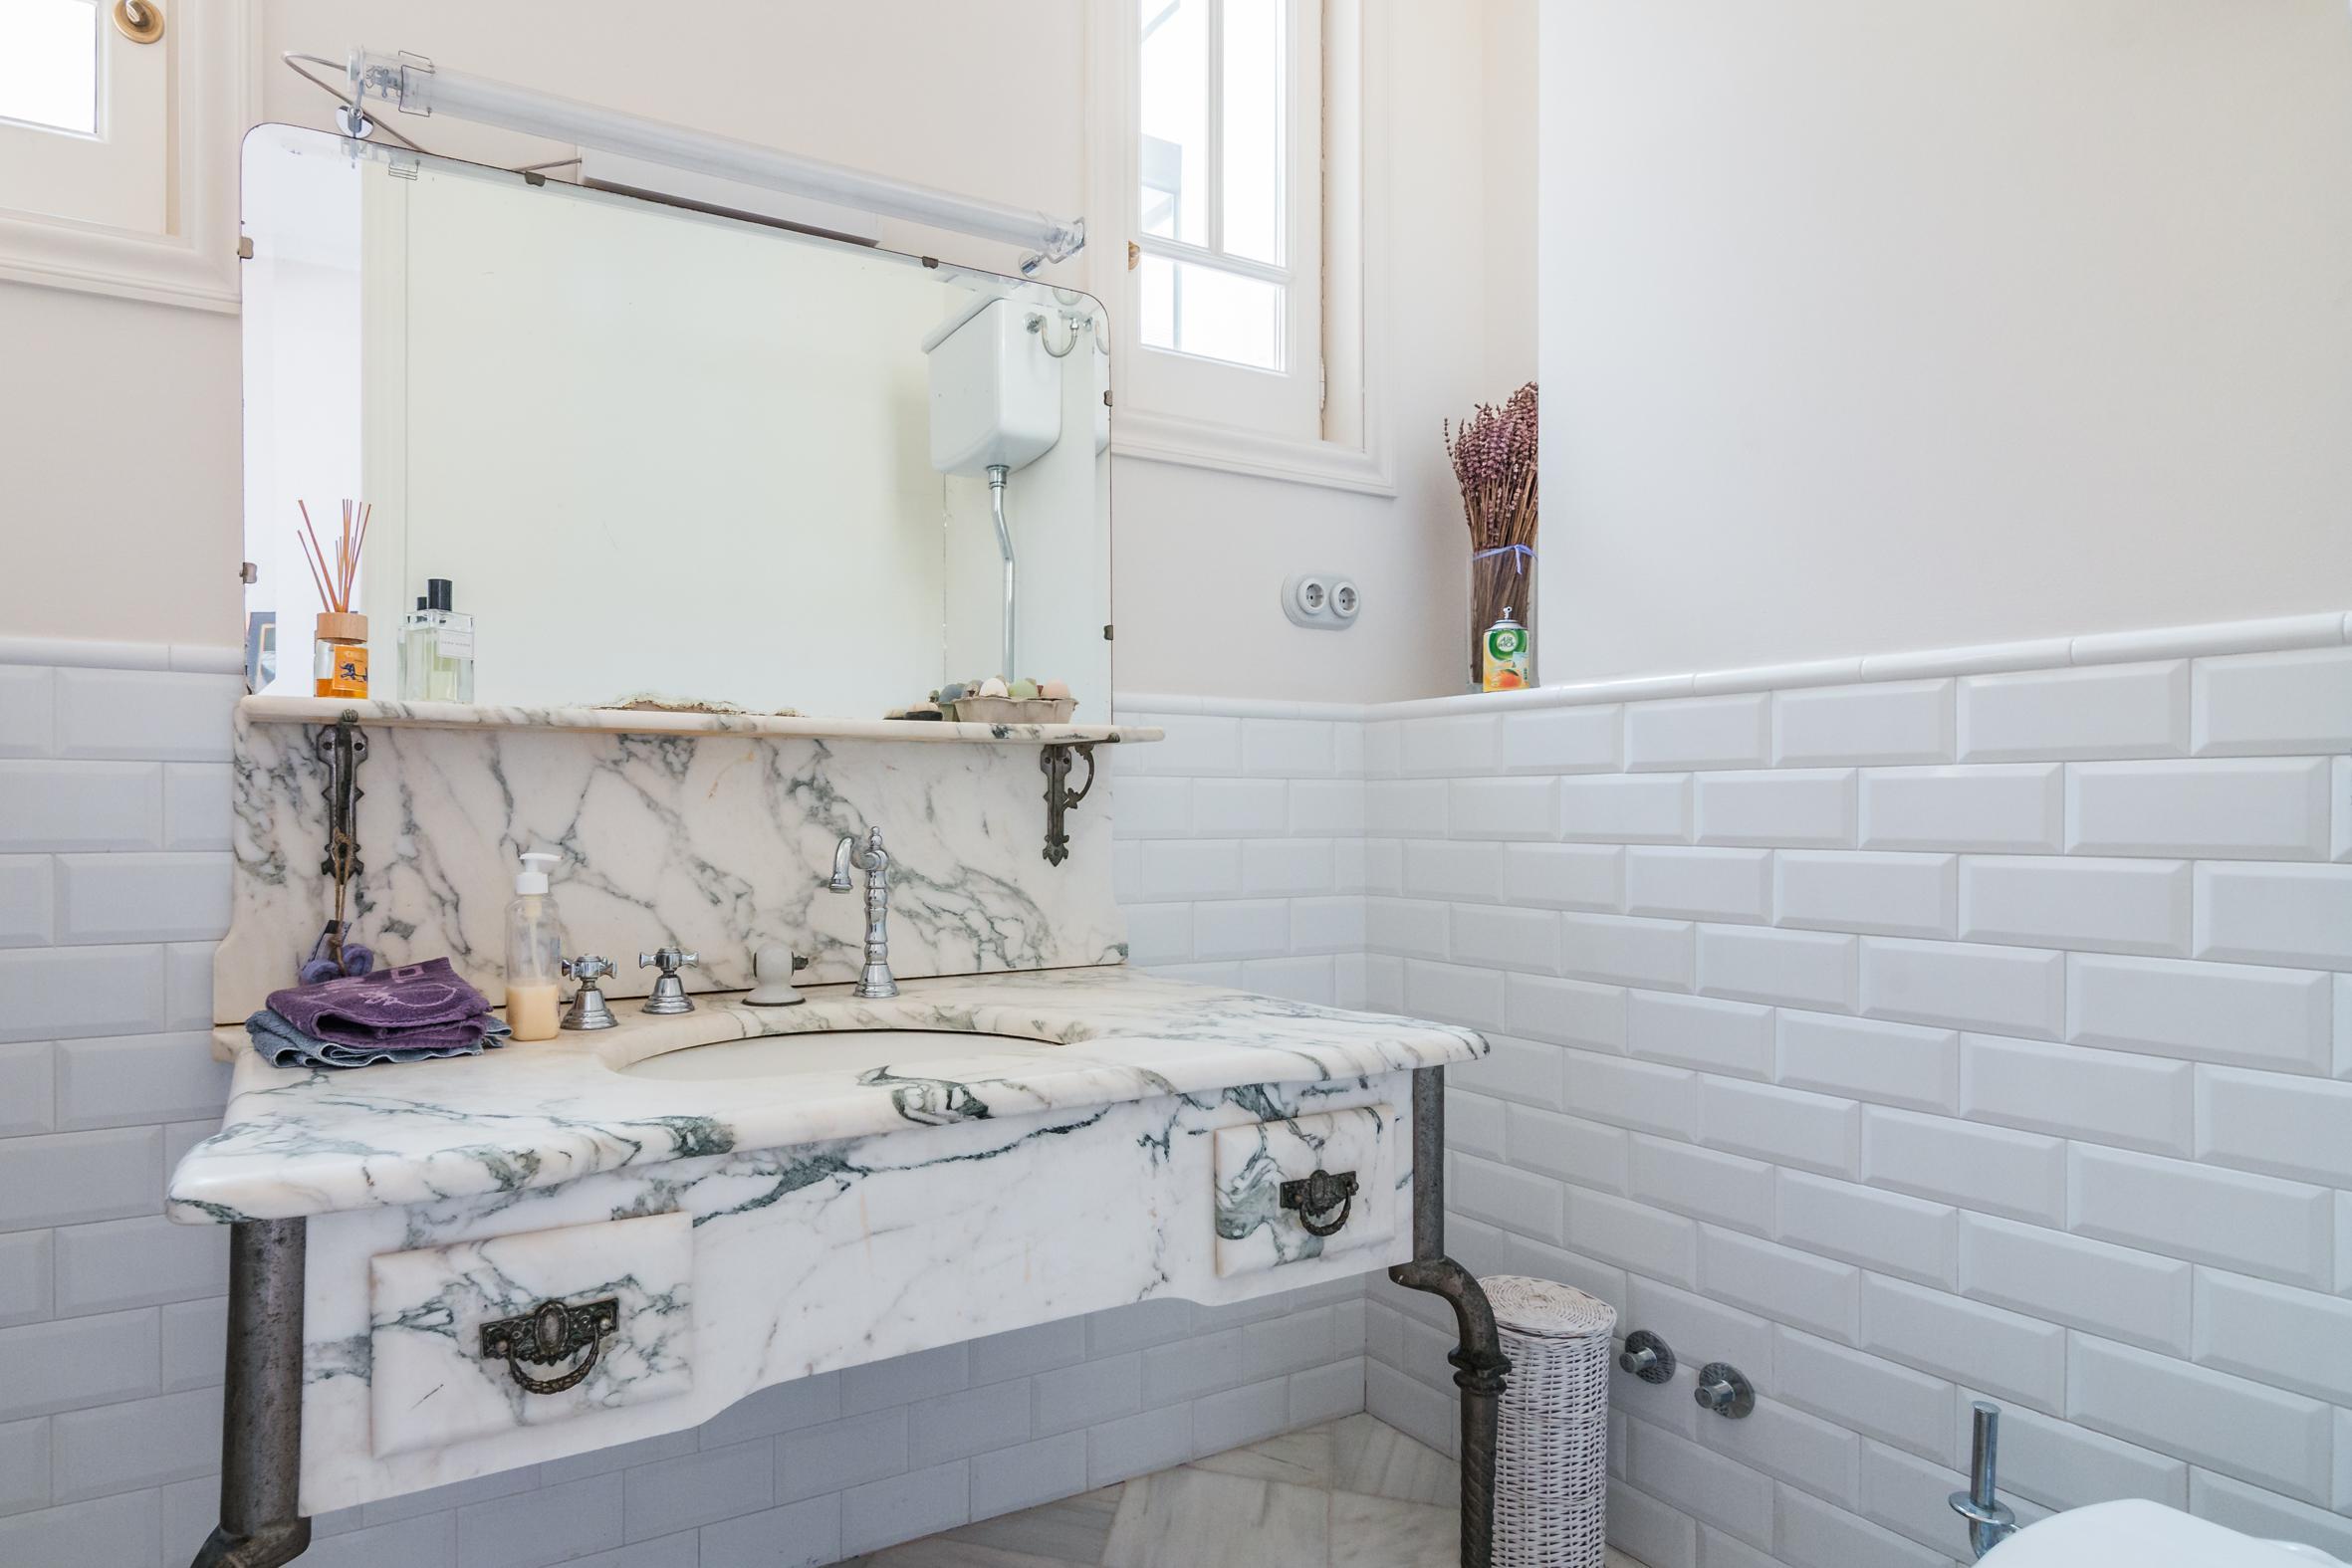 208148 Casa Aislada en venta en Sarrià-Sant Gervasi, Sarrià 17